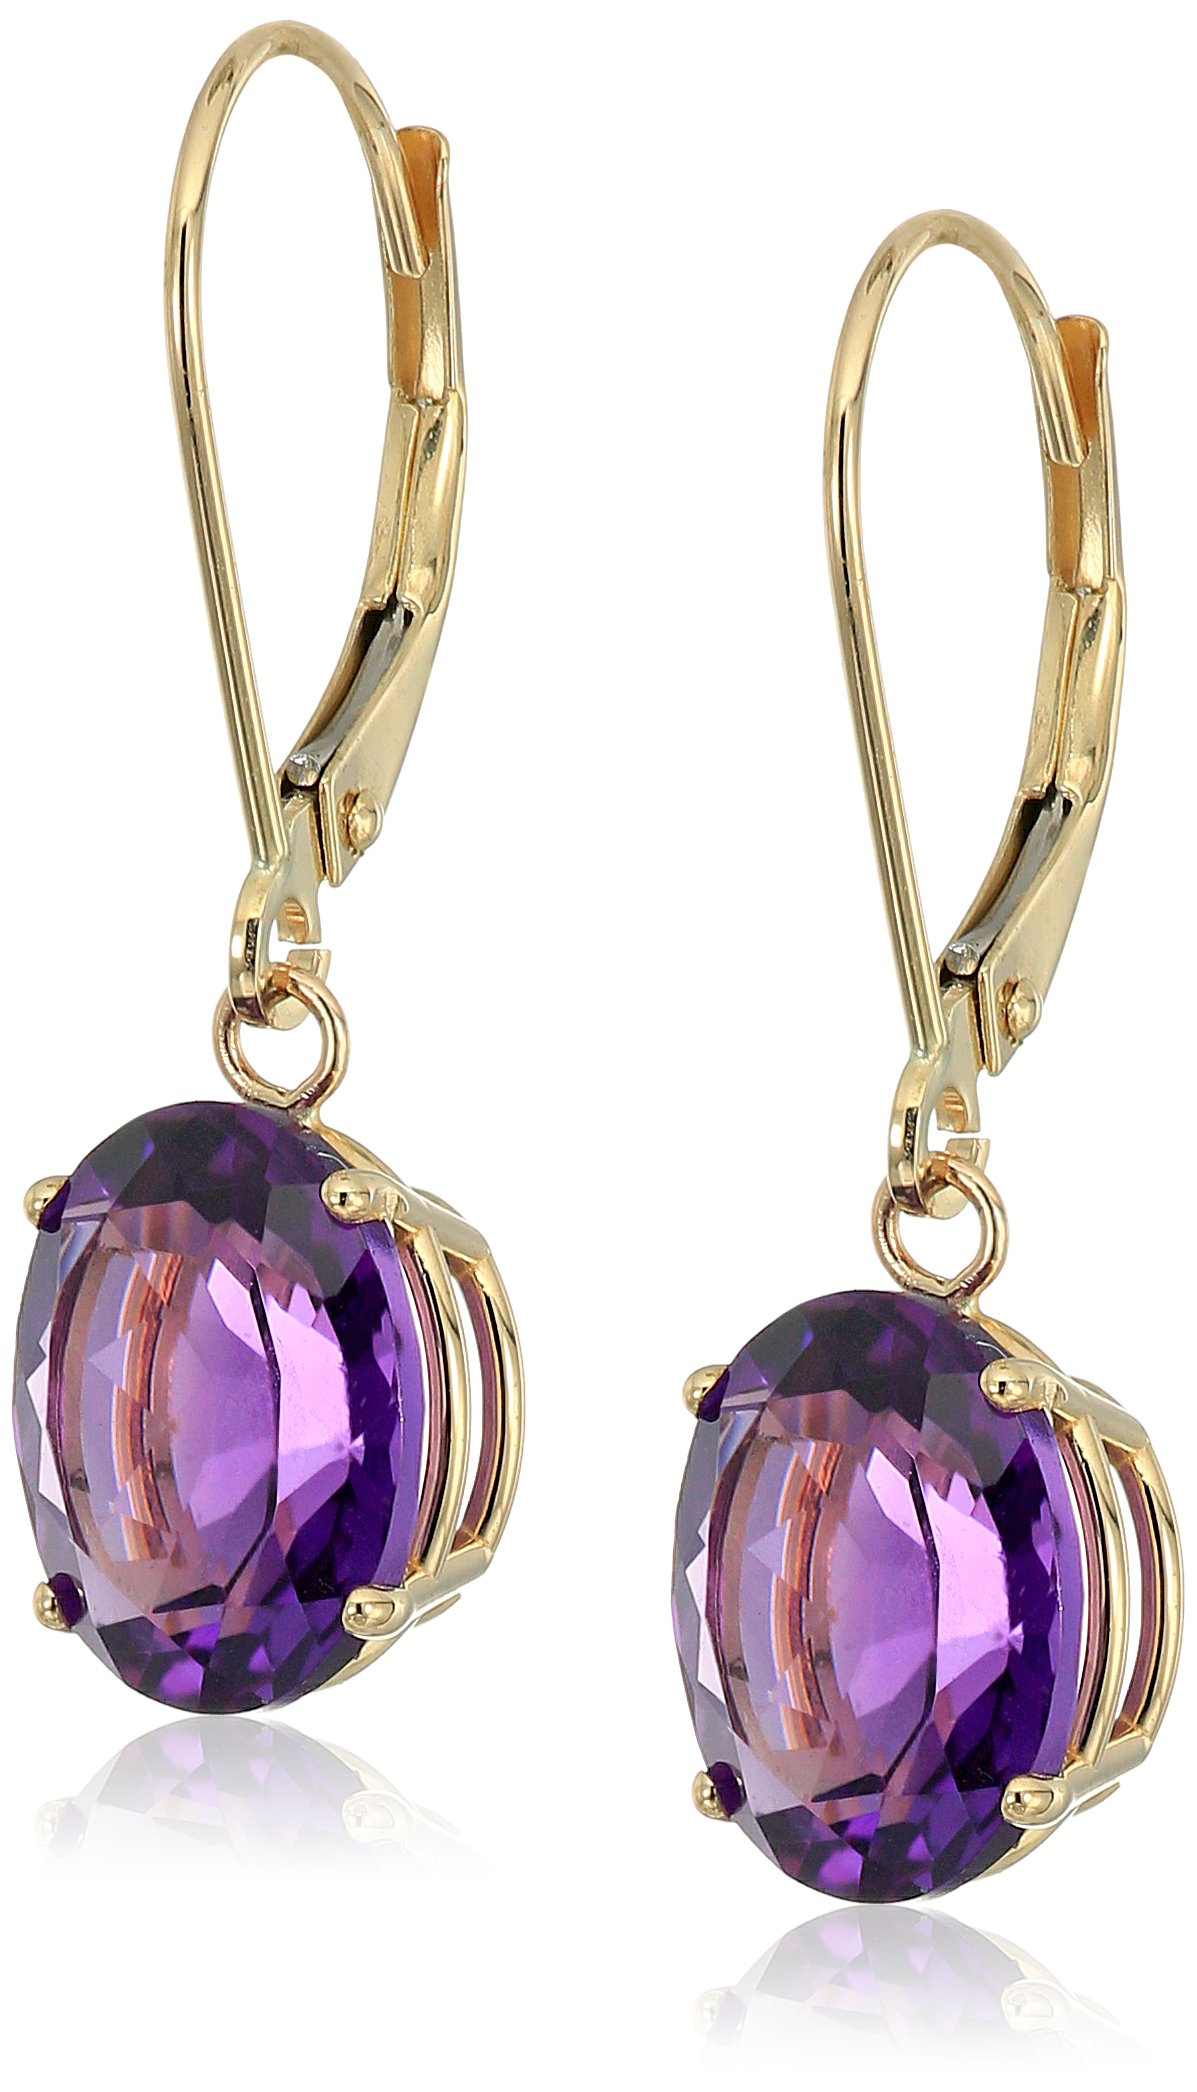 14K Gold Oval Gemstone Dangle Leverback Earrings